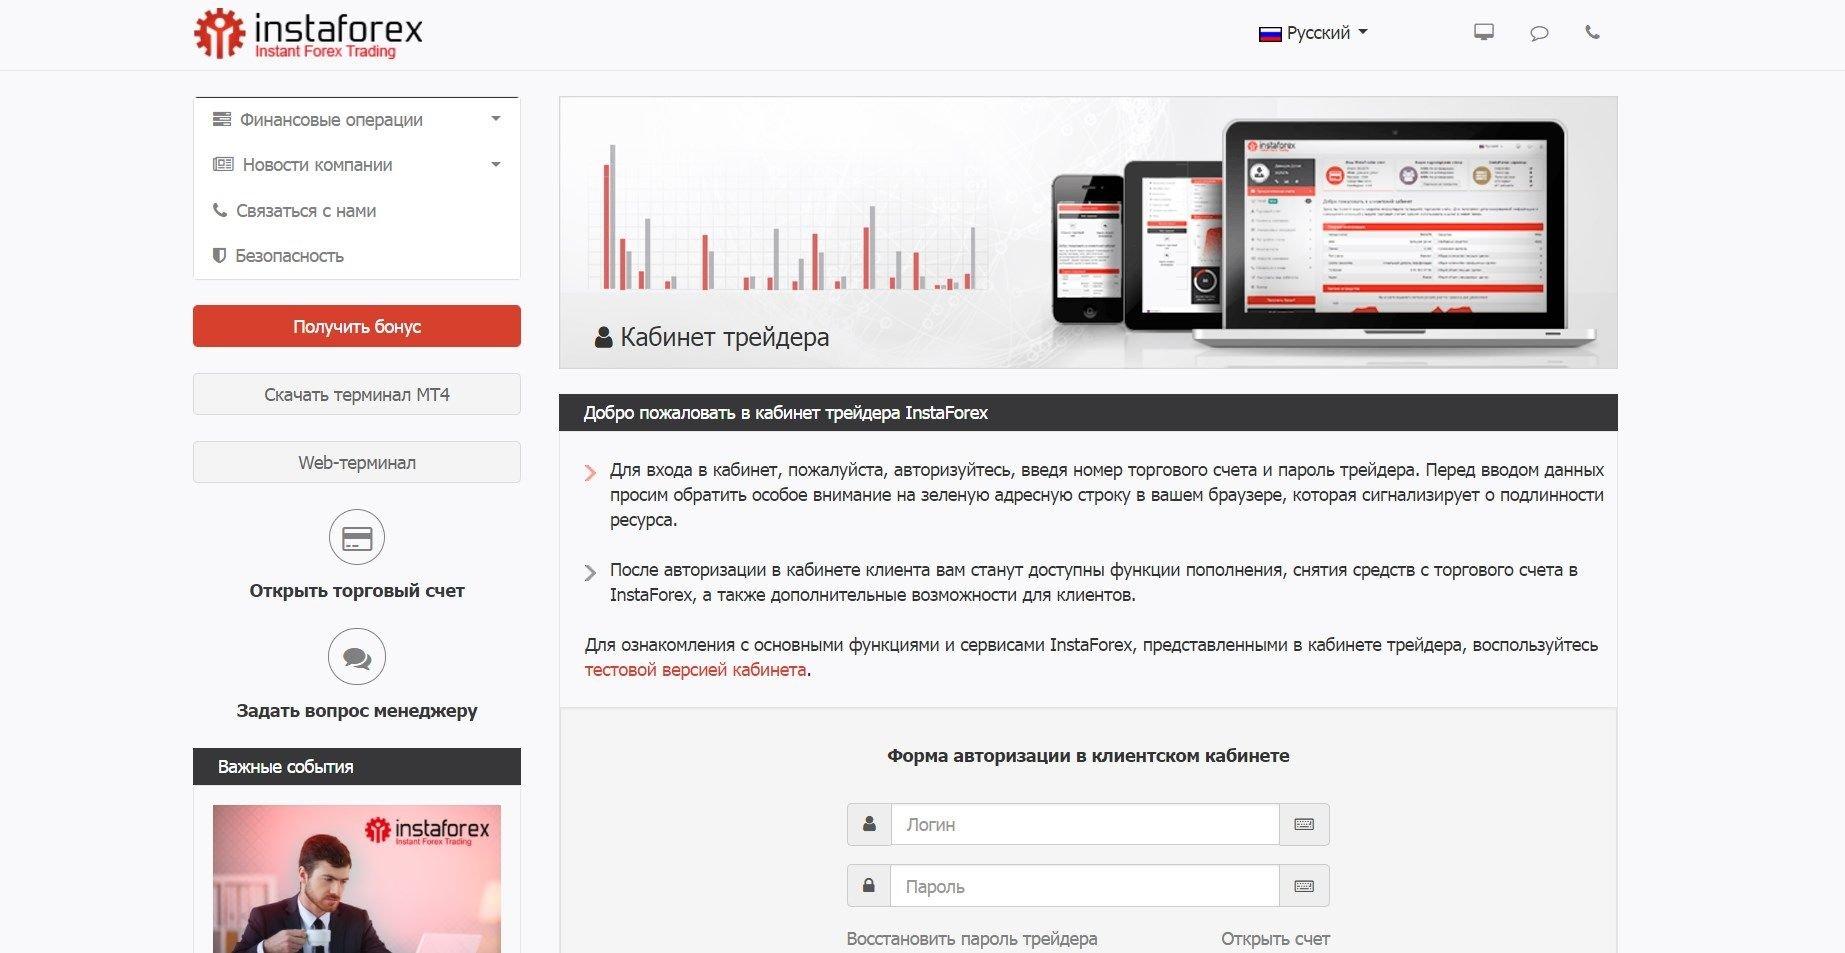 Metatrader 4 és Metatrader 5 platform tanfolyam